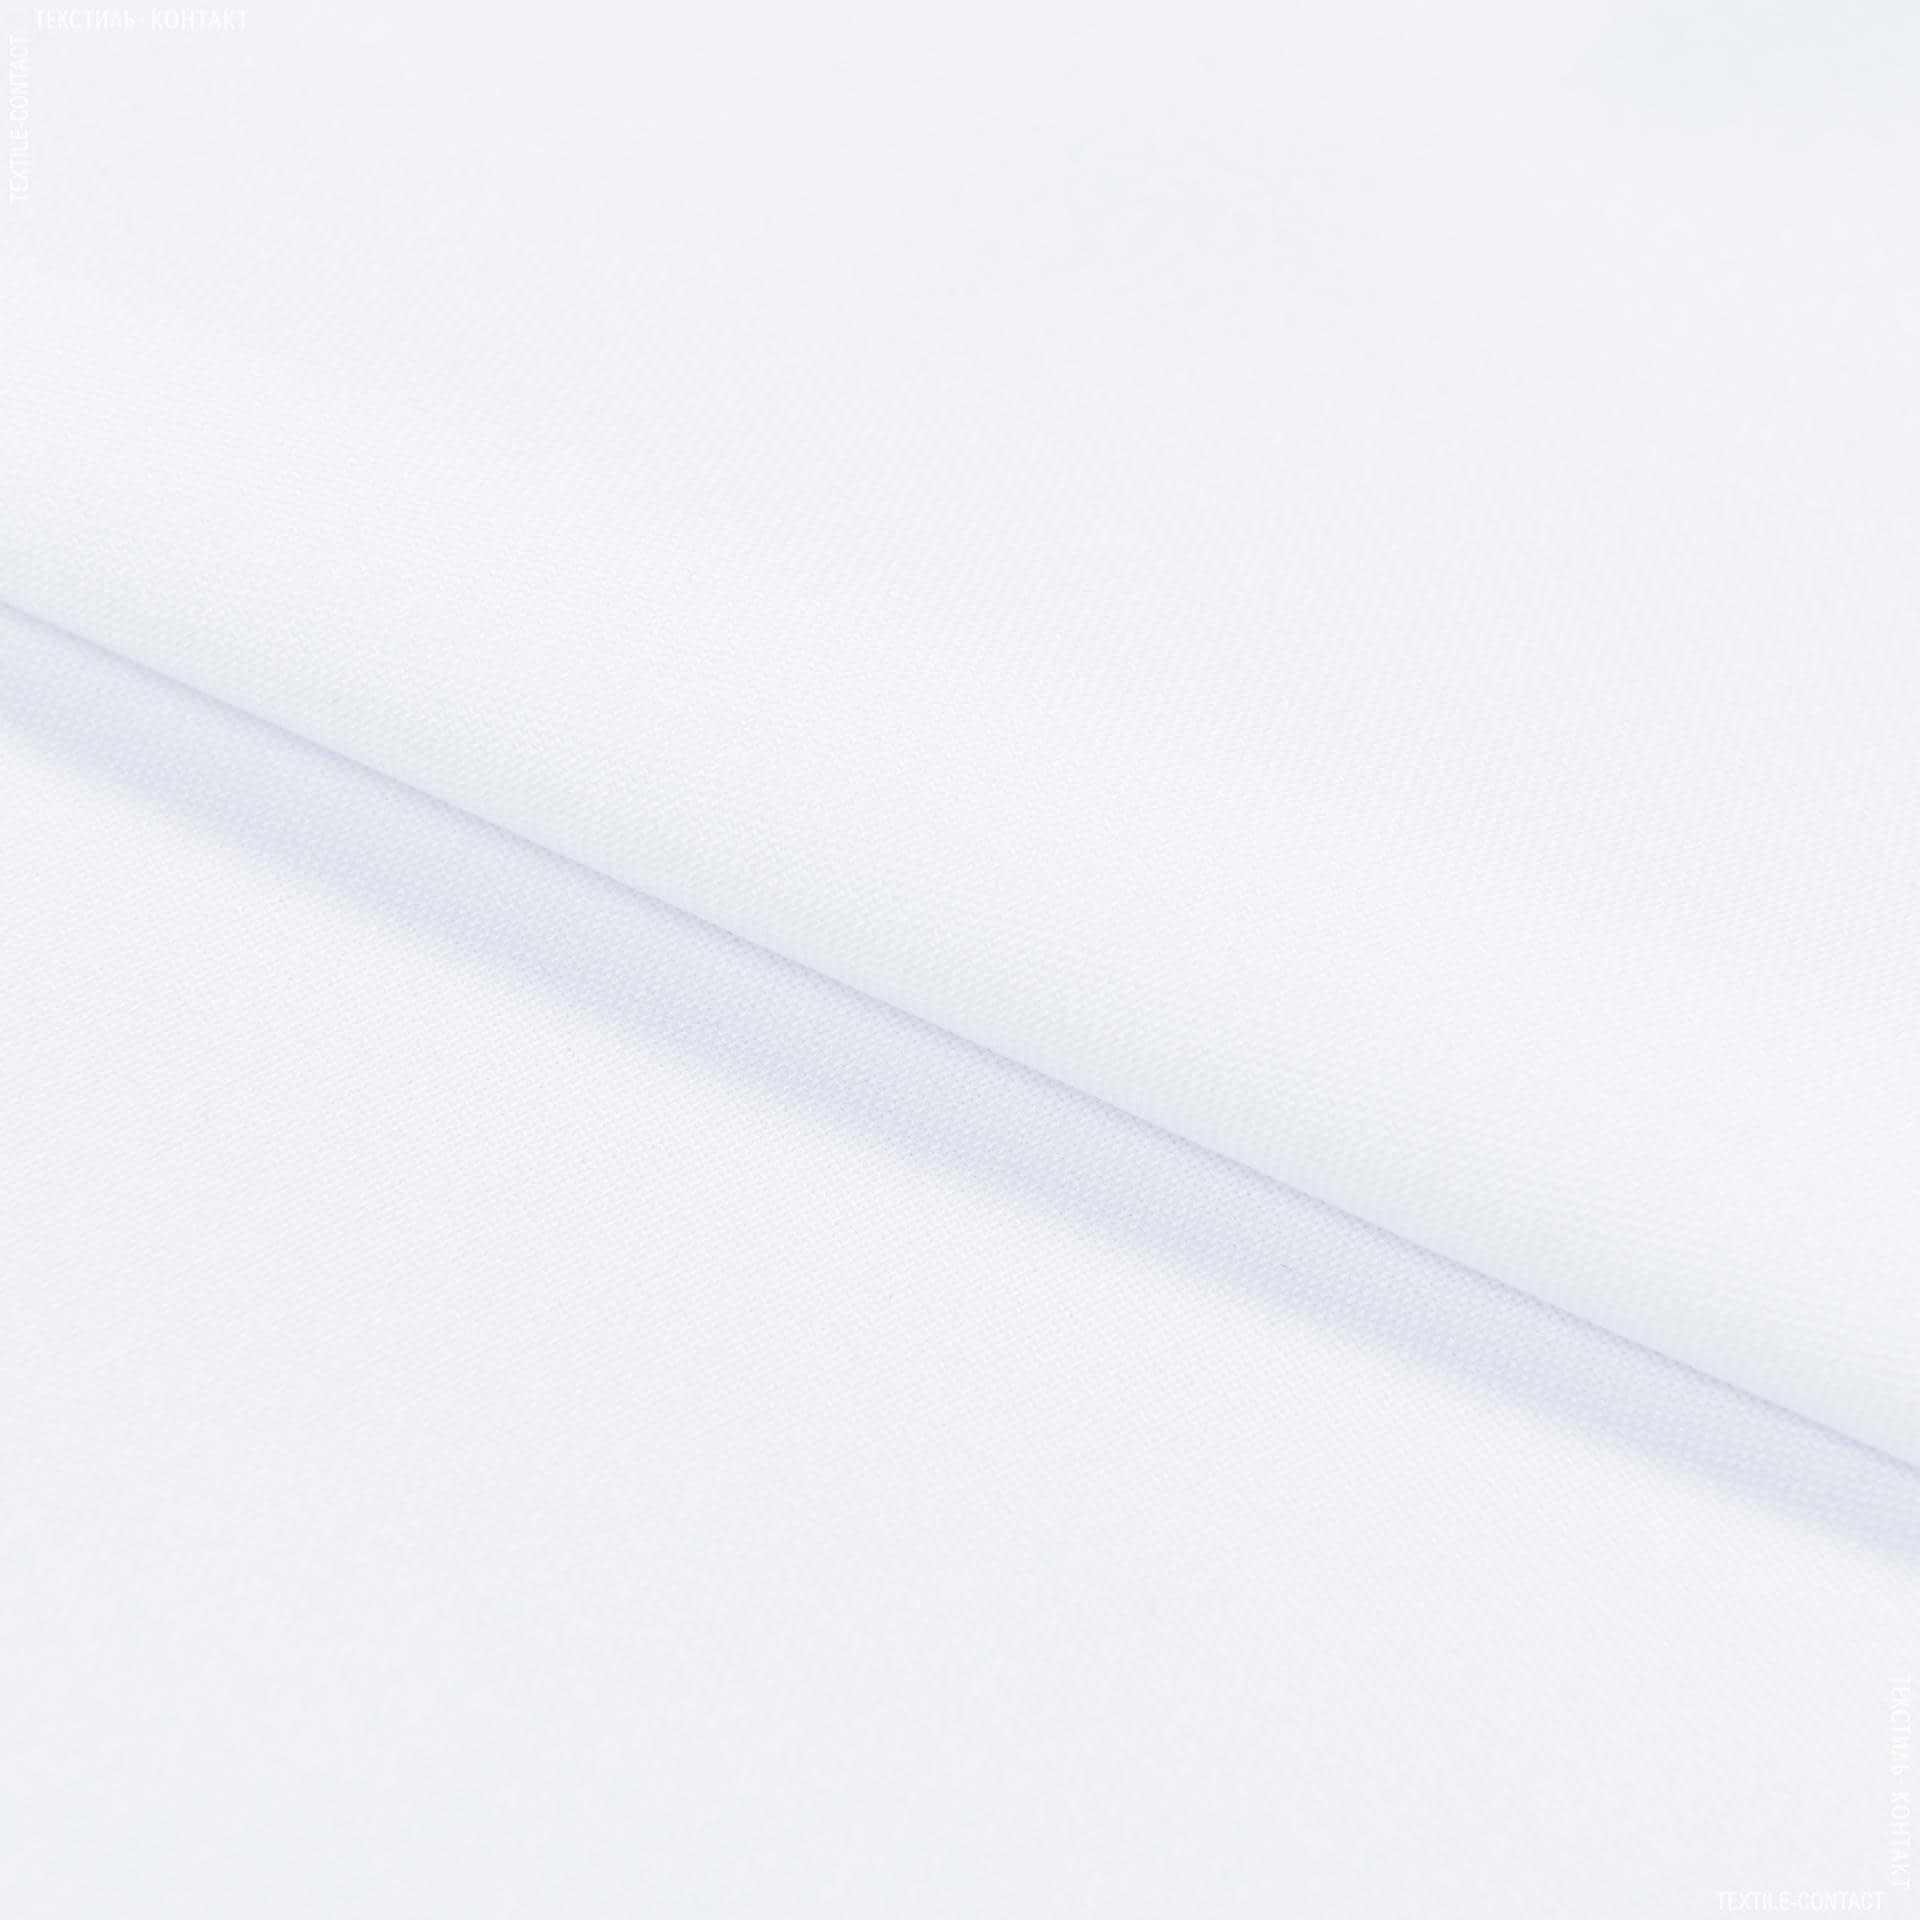 Ткани для спецодежды - Габардин белый